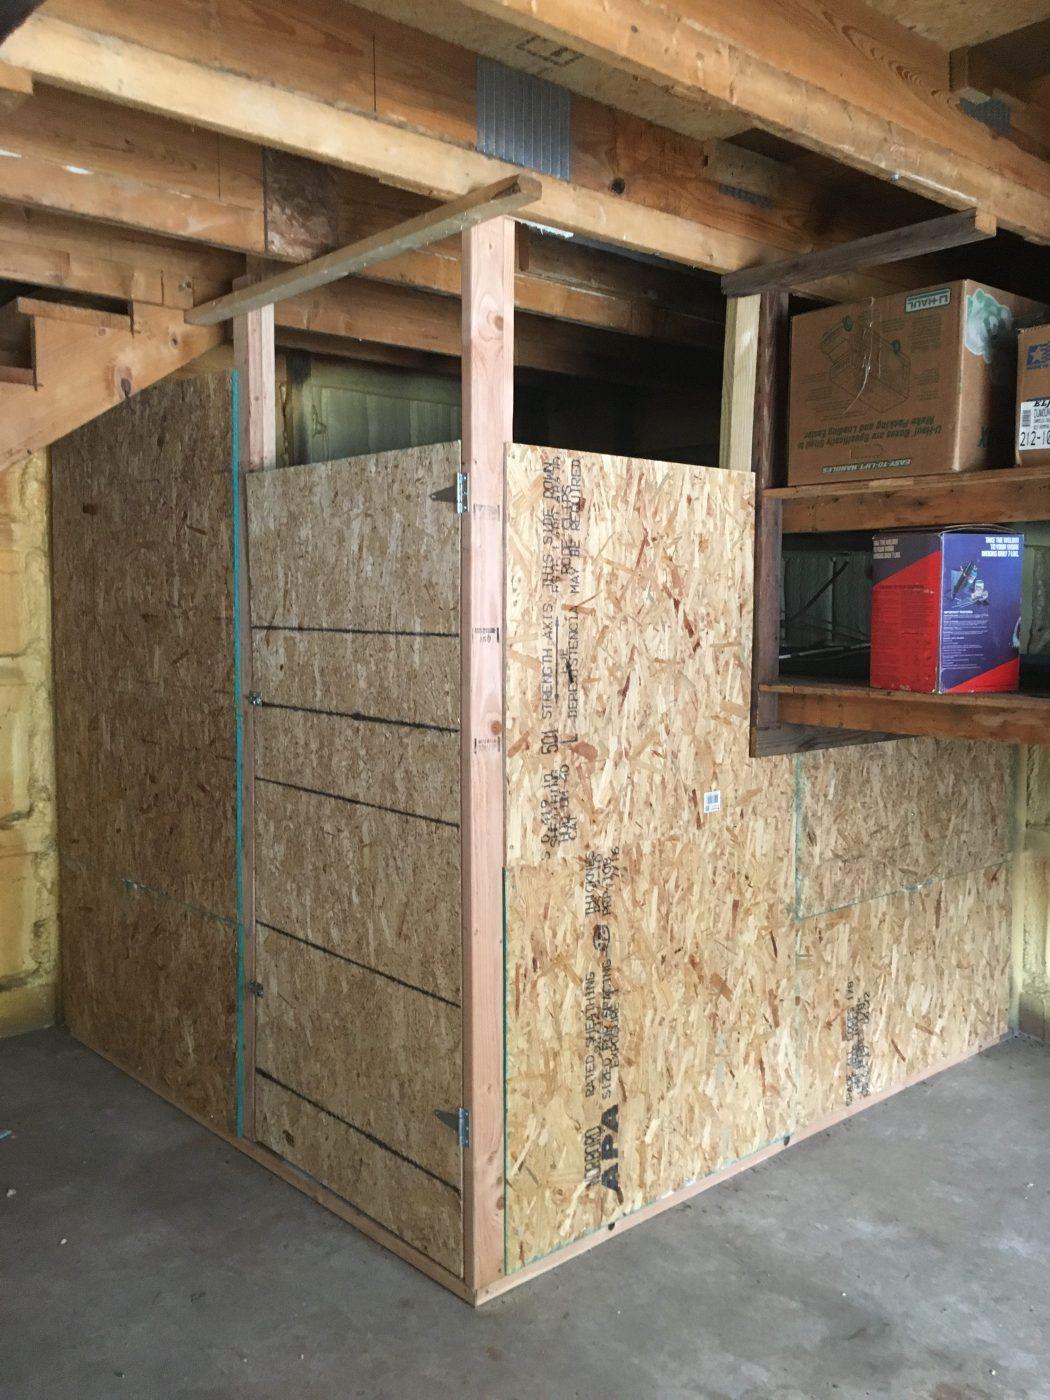 Diy indooroutdoor dog kennel a girl and a kiwi diy